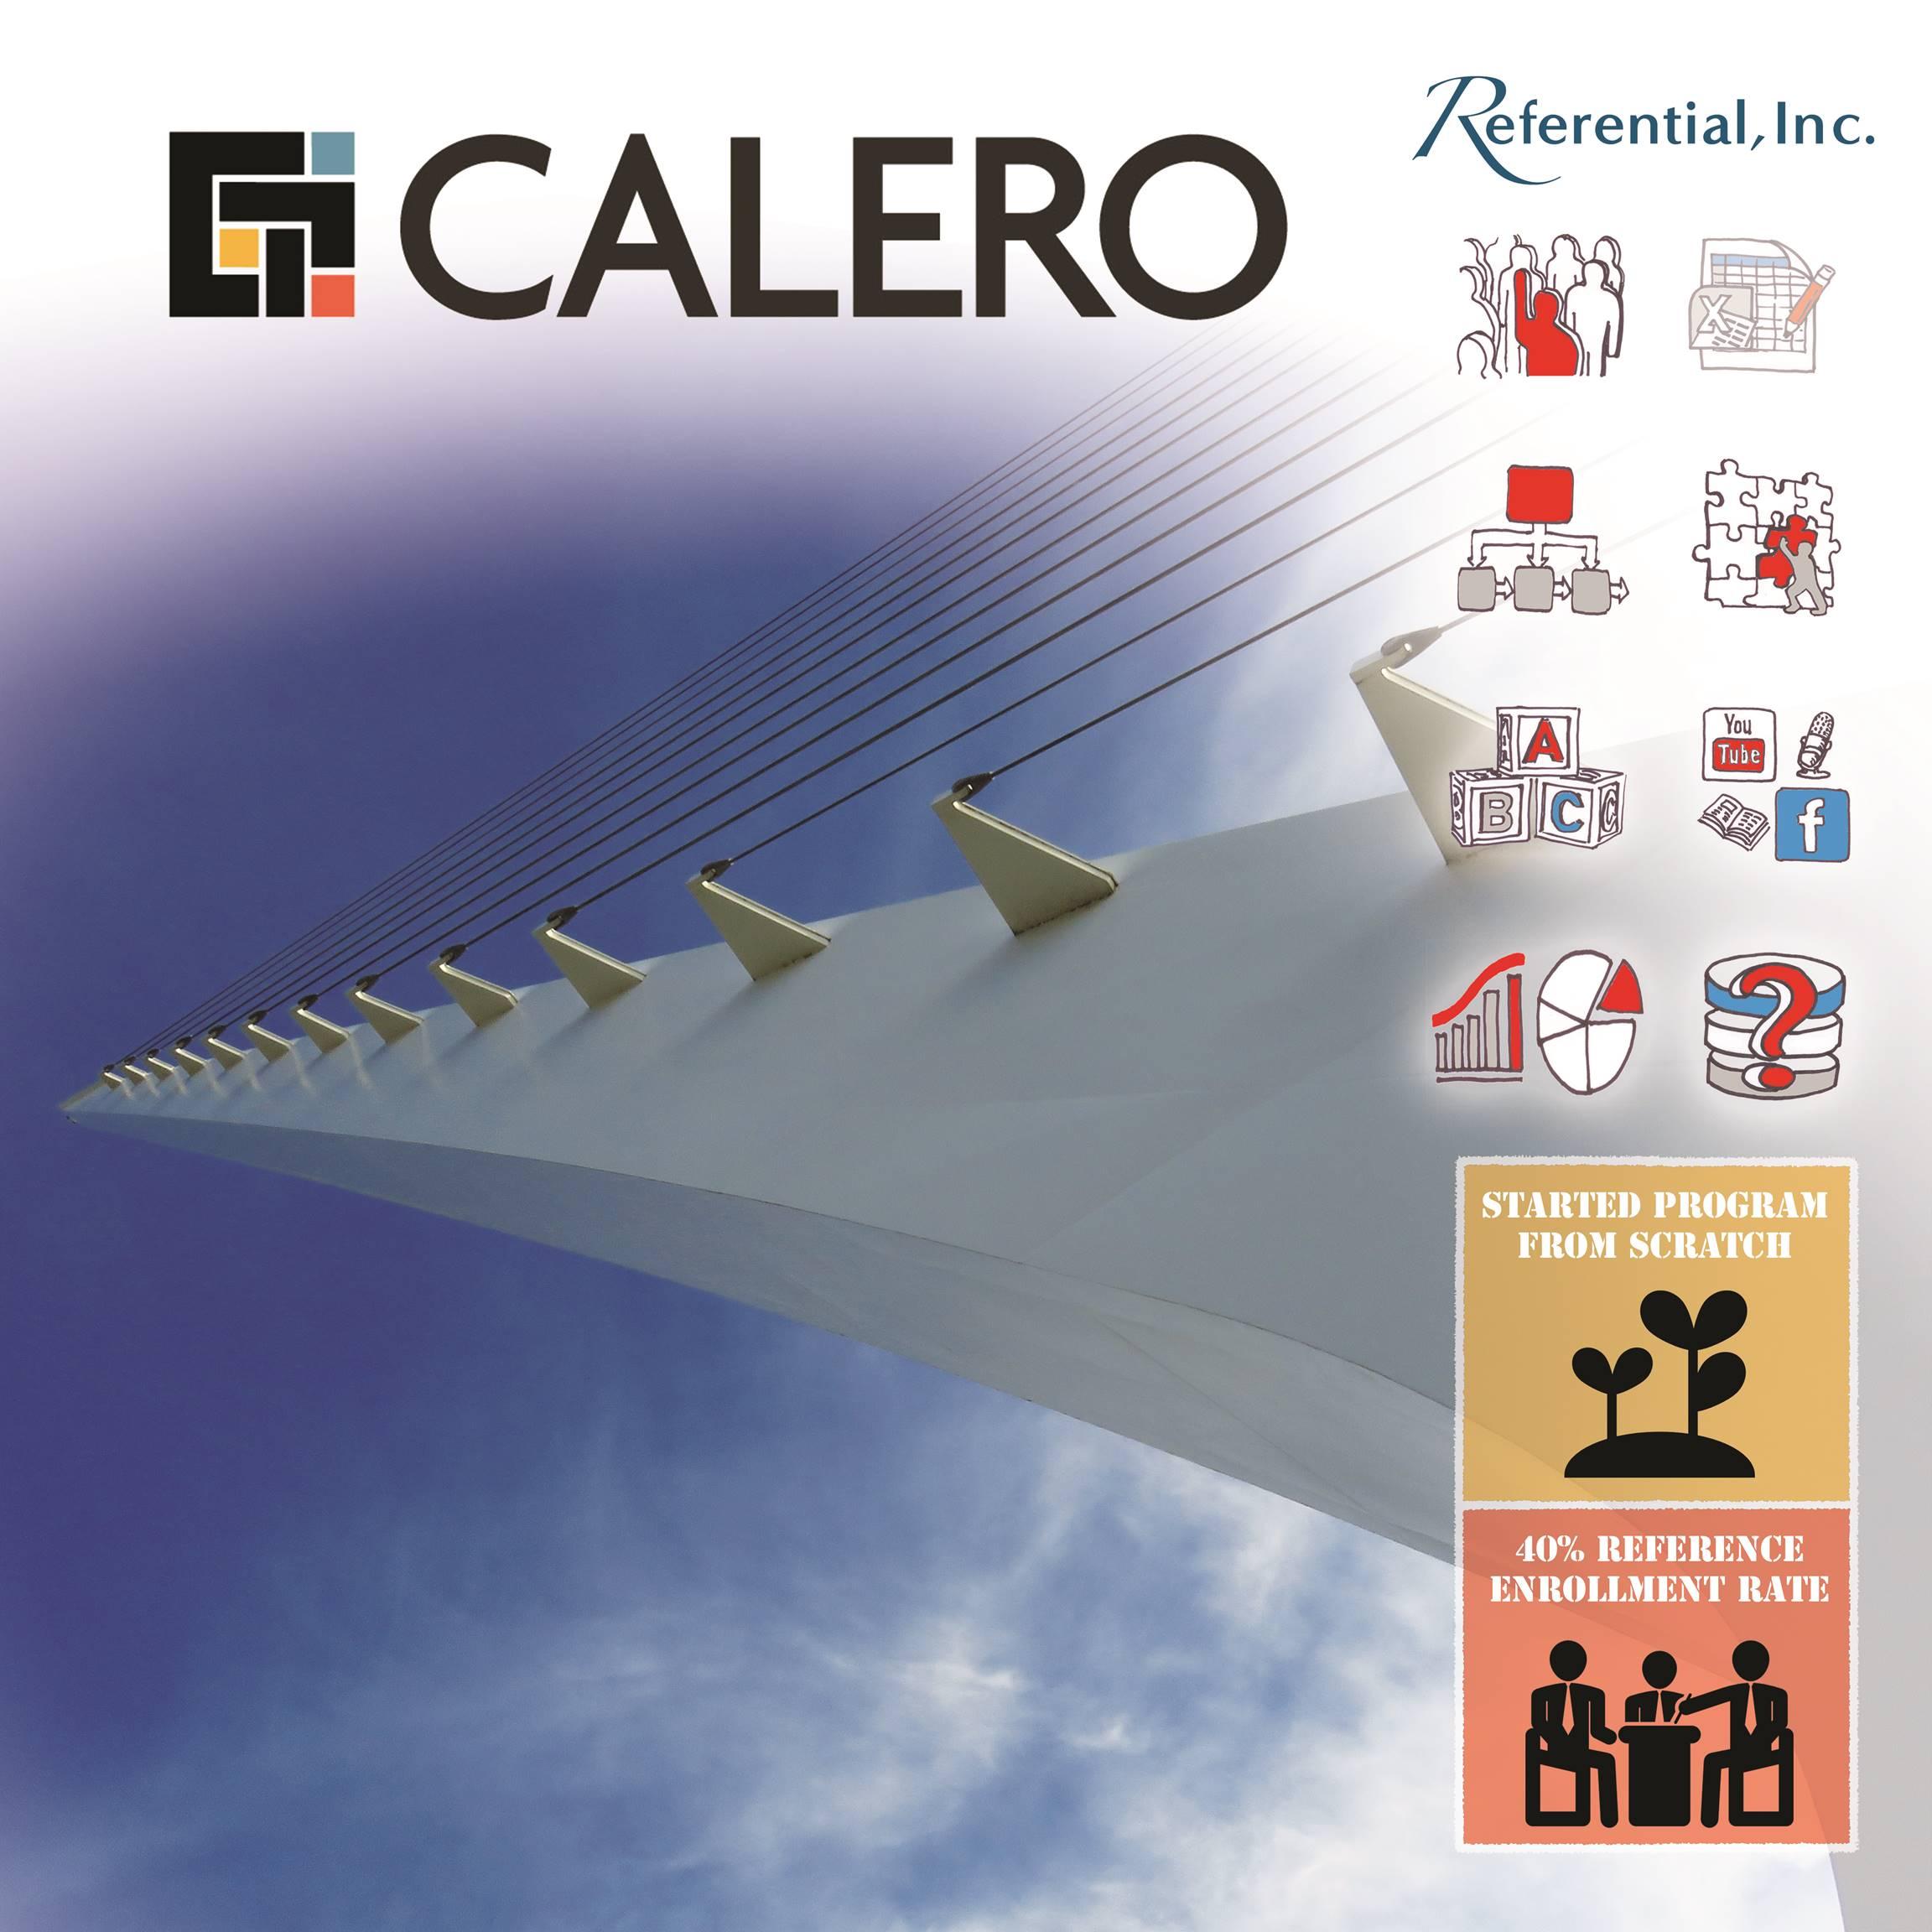 Calero in PPT for printing.jpg